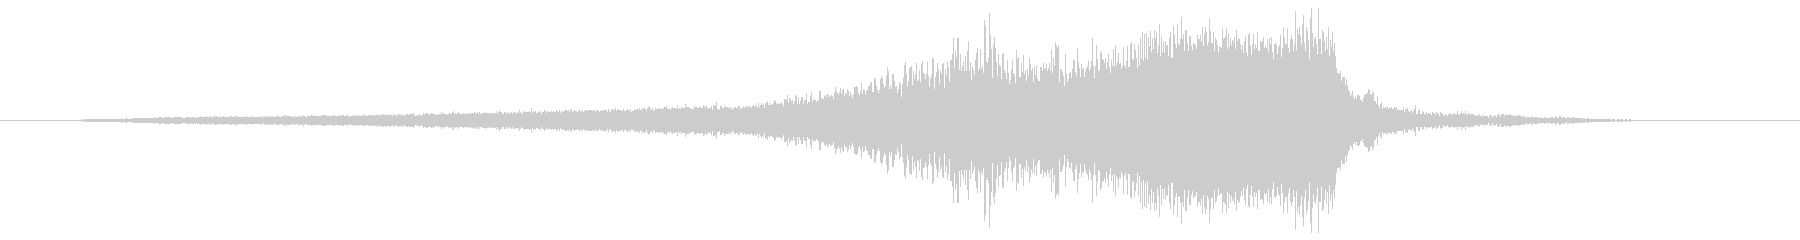 【ライザー】43 SFサウンド 始動の未再生の波形